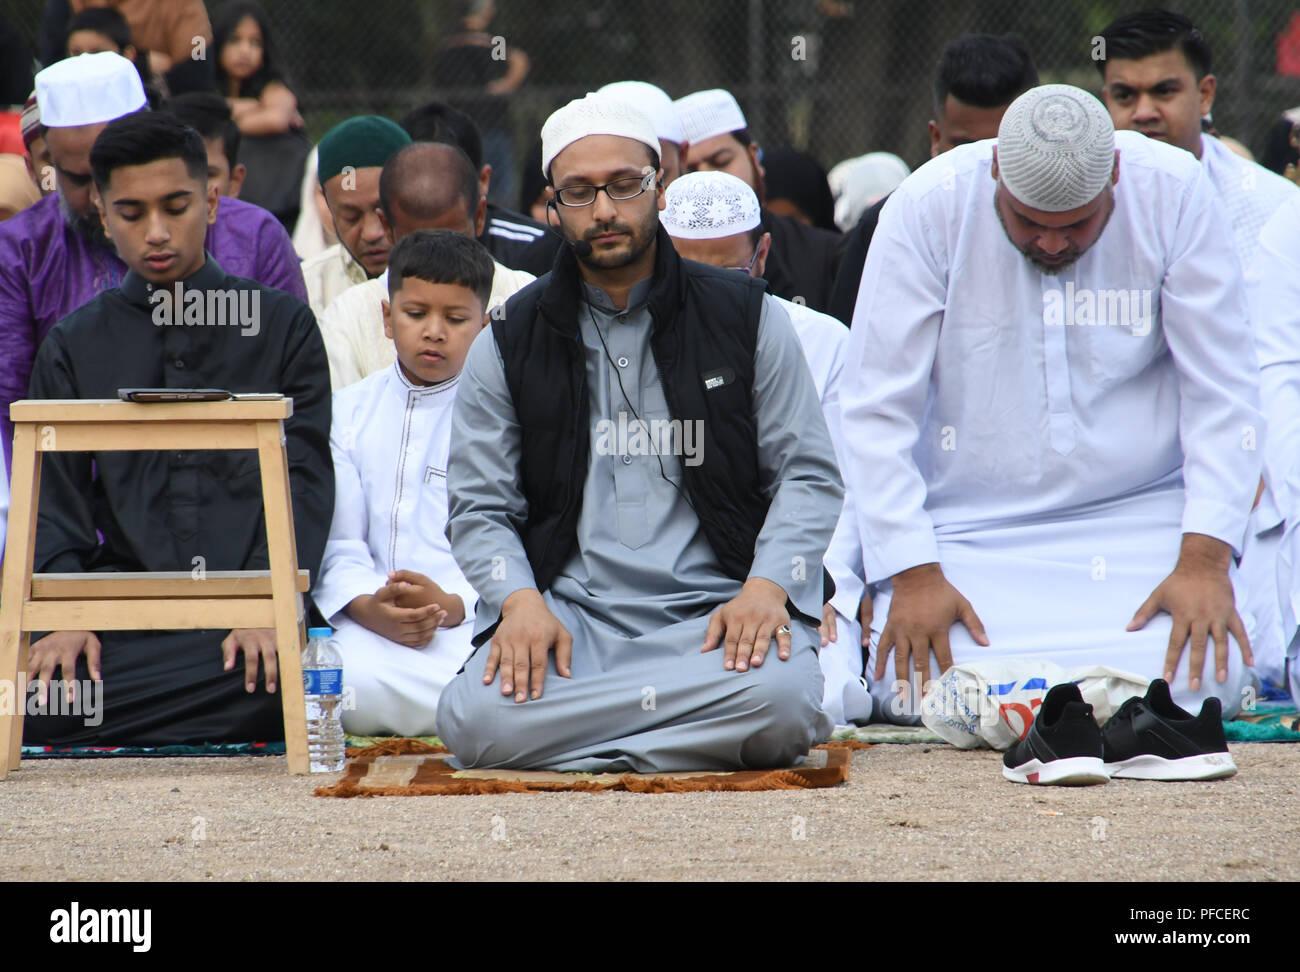 London, Großbritannien. 21 Aug, 2018. Ein paar Hunderte von gewidmet Muslime, Eid al-Adha, hat keine bestimmte Zeitdauer und Feiern, markiert das Fastenbrechen am Ende des Ramadan, in der Islamische Kalender am Barnard Park am 21. August 2018, London, UK. Bild Capital/Alamy leben Nachrichten Stockfoto